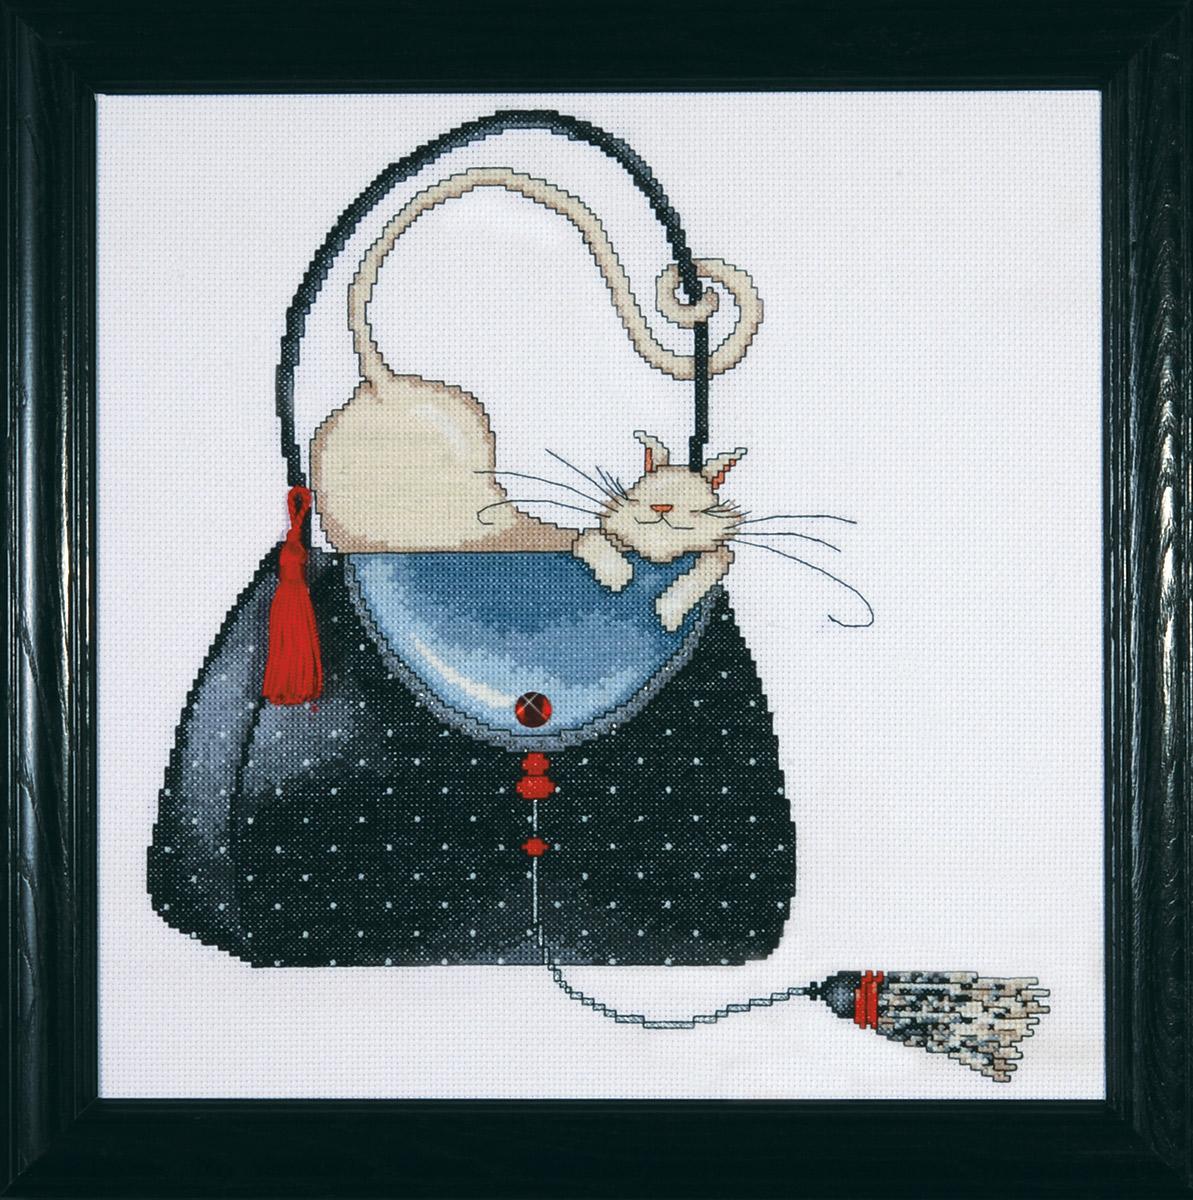 Набор для вышивания крестом Design Works Кошка на сумочке в горошек, 30 х 30 см2729Дизайнер Мерилин Робертсон ( Leopard Purse , Marilyn Robertson). В набор входят стразы и кисточка.